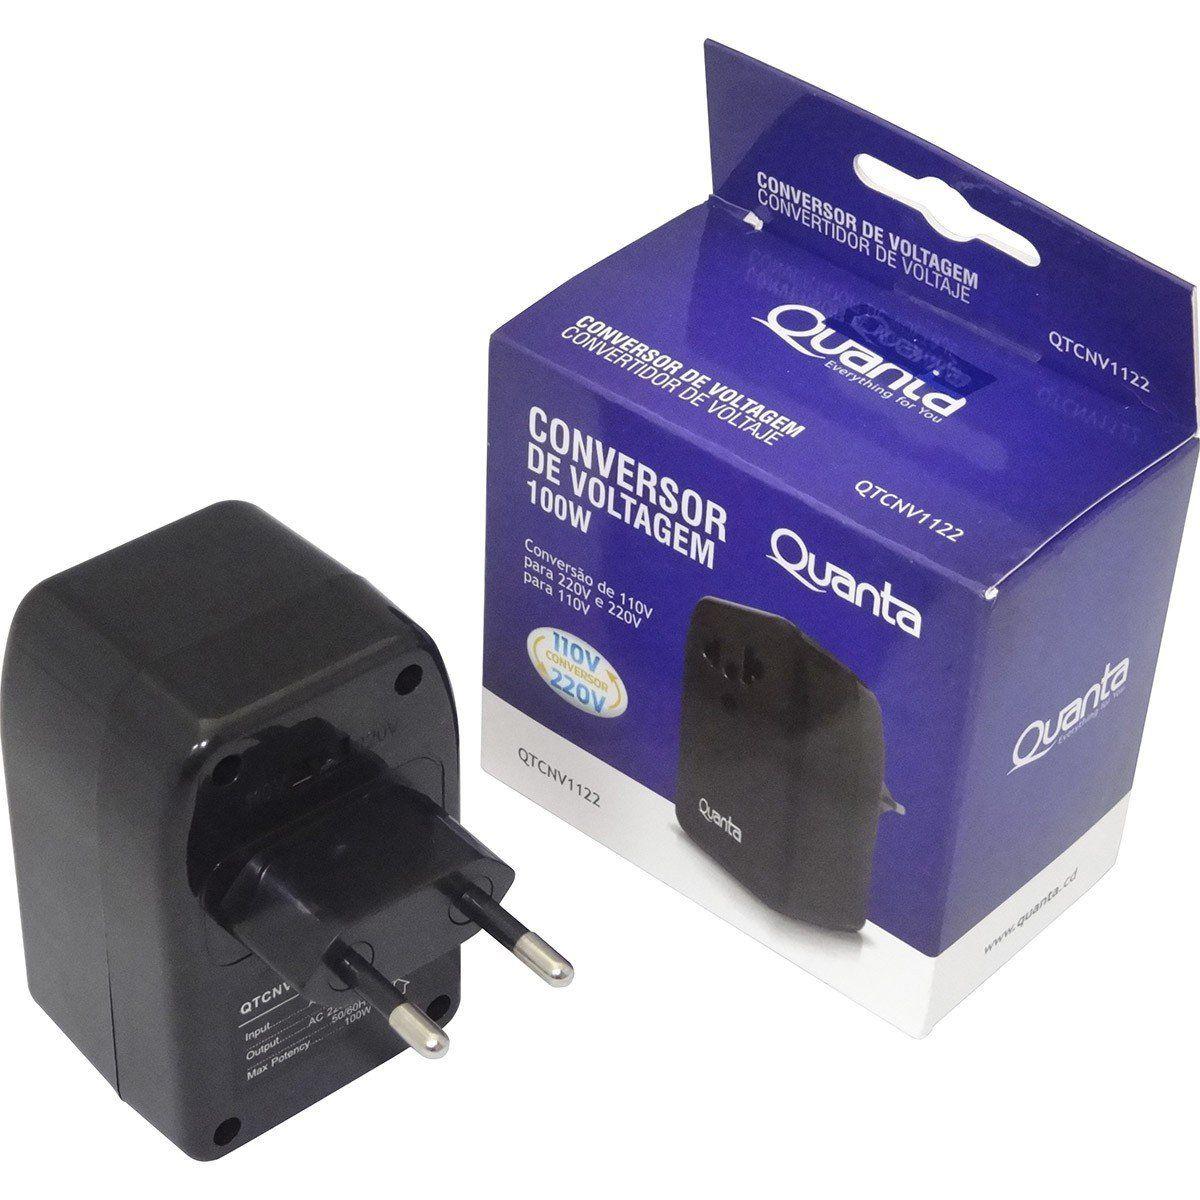 Quanta QT CNV1122 Transformador de Parede